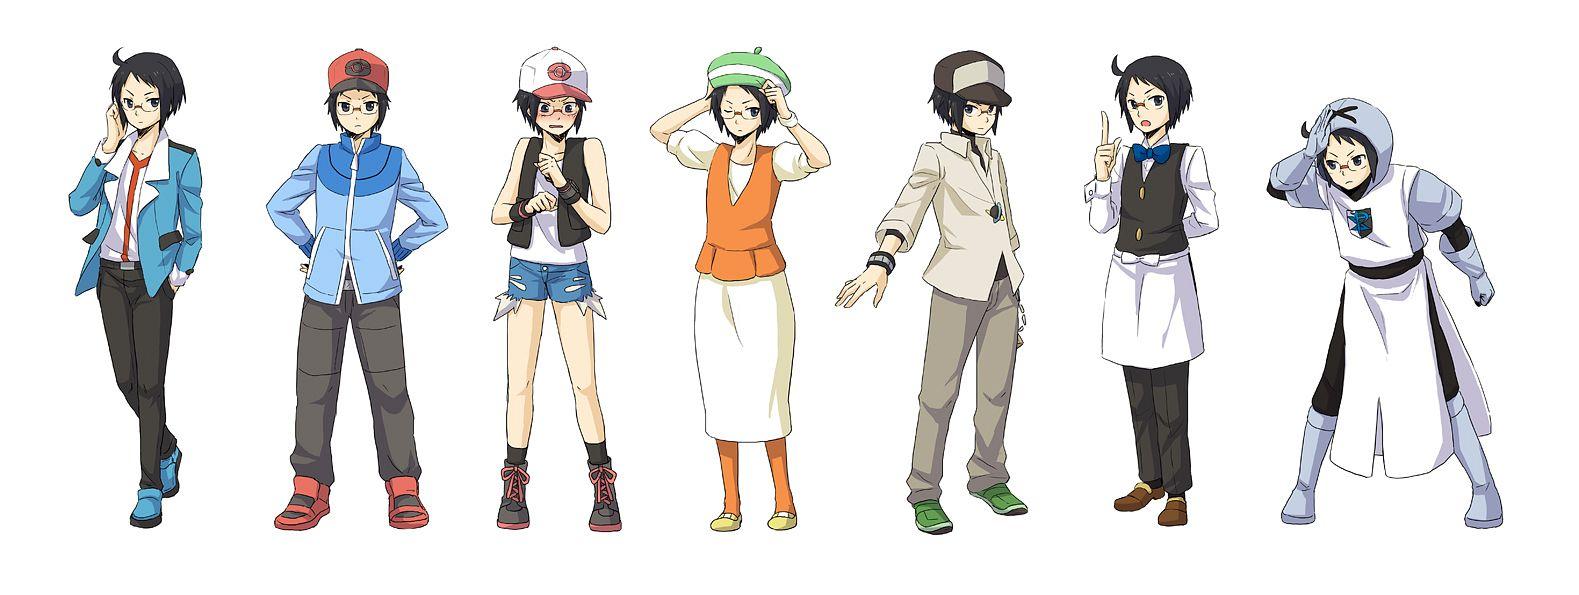 Tags: Anime, Ayasaki Sakura, Pokémon, Cheren (Pokémon), N (Pokémon) (Cosplay), Bel (Pokémon) (Cosplay), Touya (Pokémon) (Cosplay), Touko (Pokémon) (Cosplay), Fanart, Pixiv